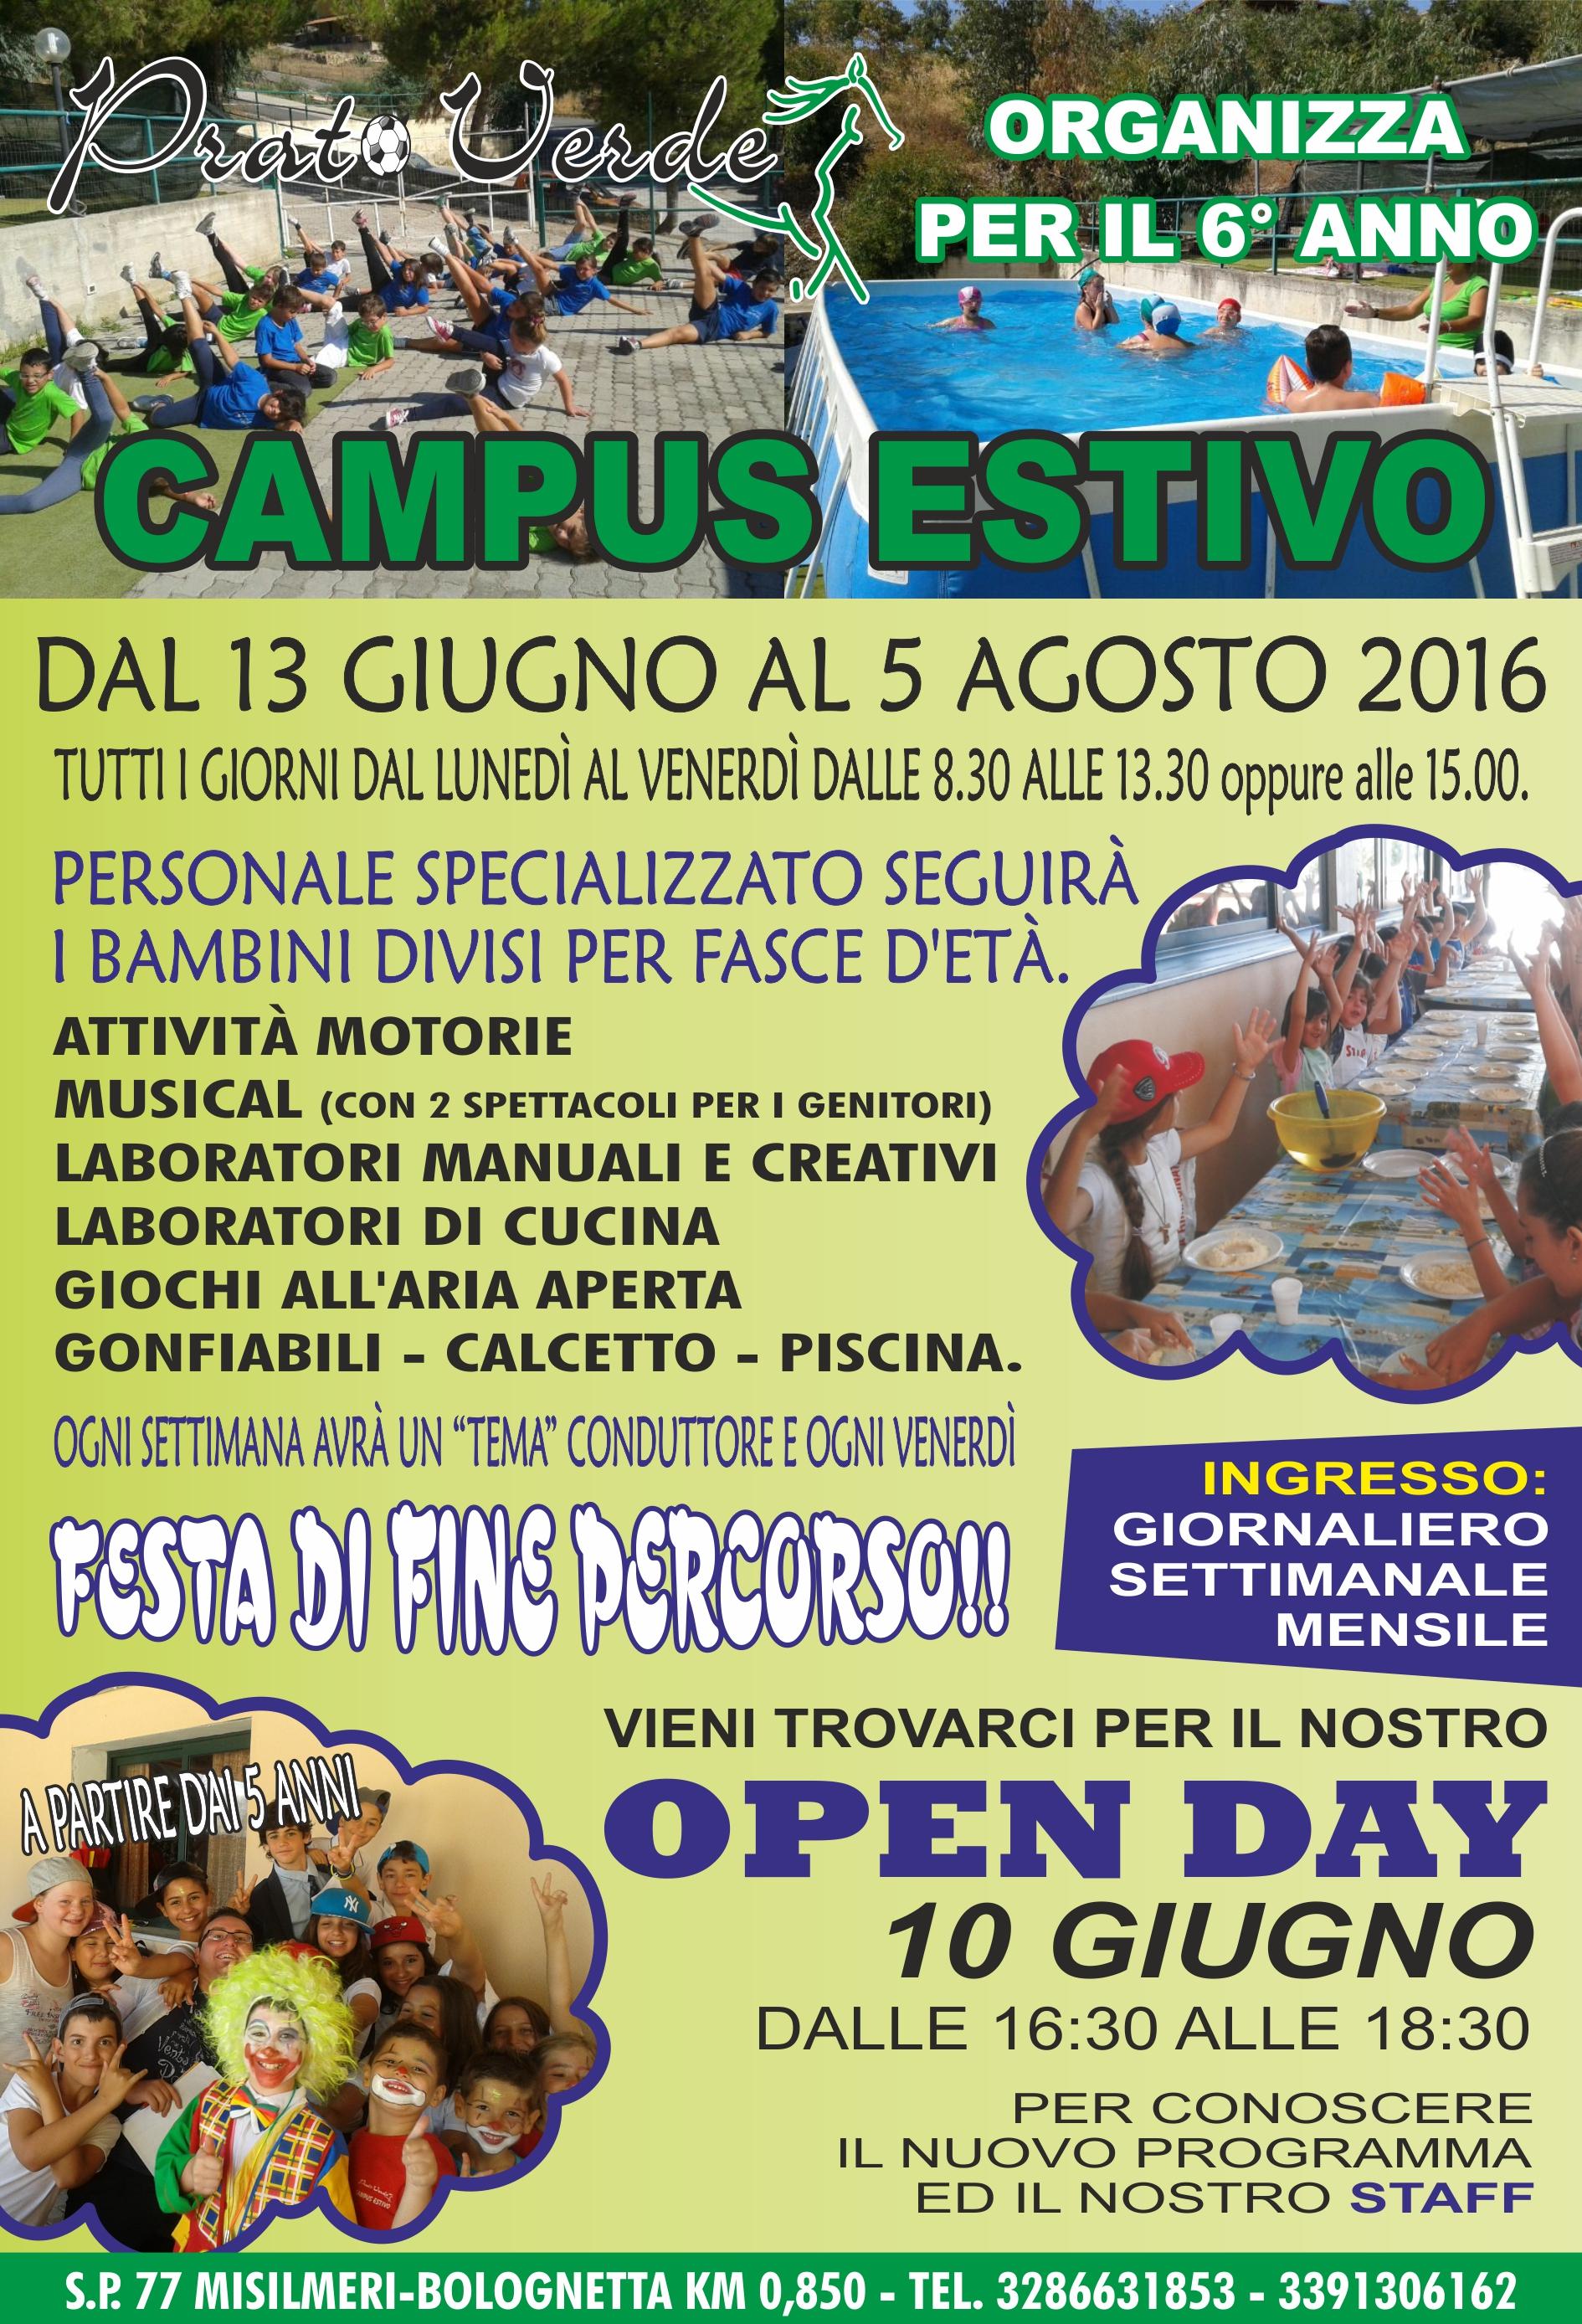 Campus Estivo – Prato Verde